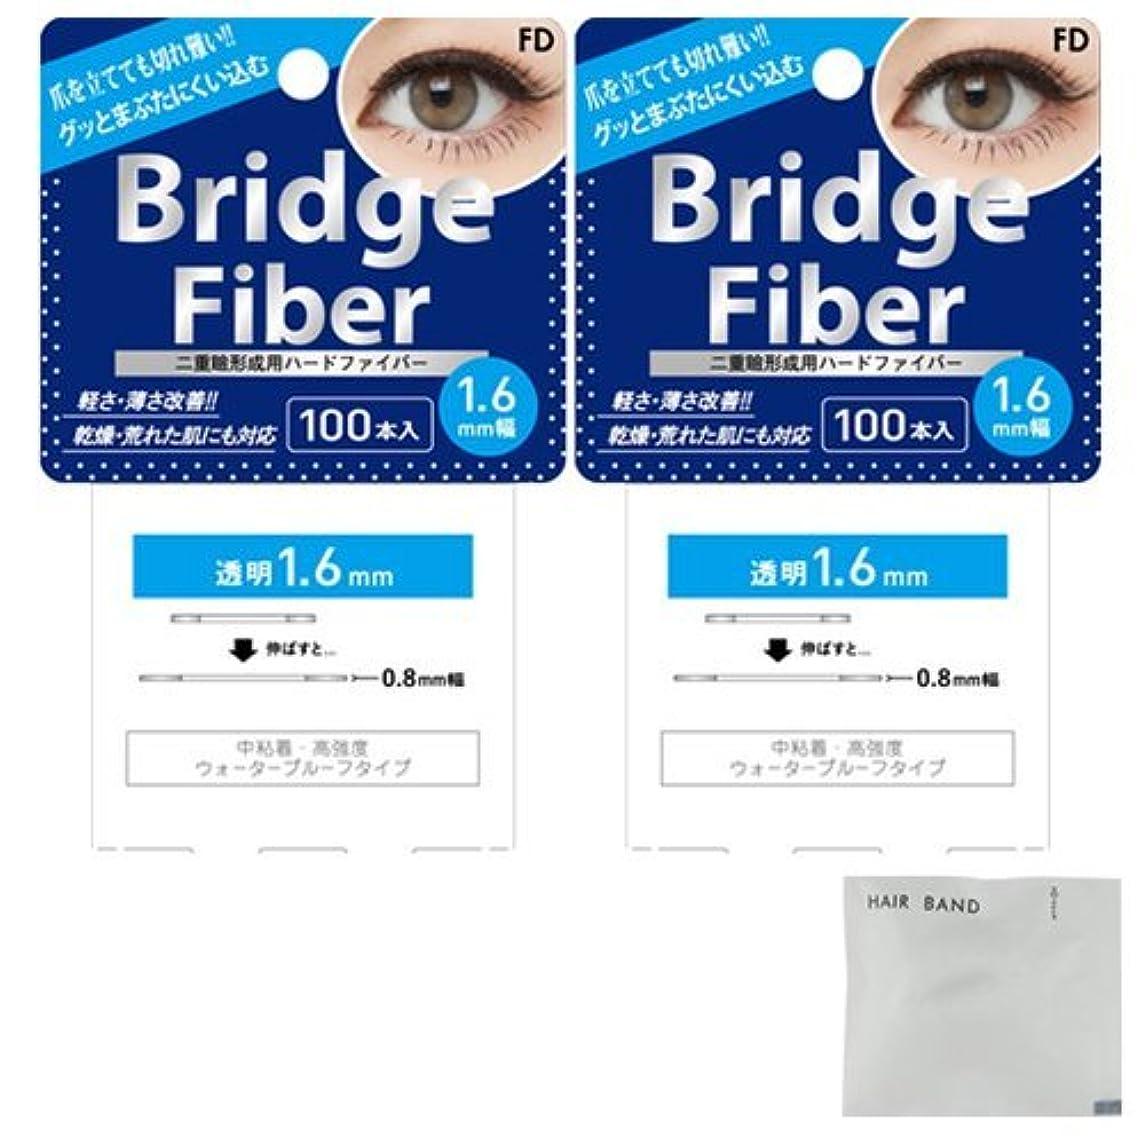 赤道聞きますパンフレットFD ブリッジファイバーⅡ (Bridge Fiber) クリア1.6mm×2個 + ヘアゴム(カラーはおまかせ)セット